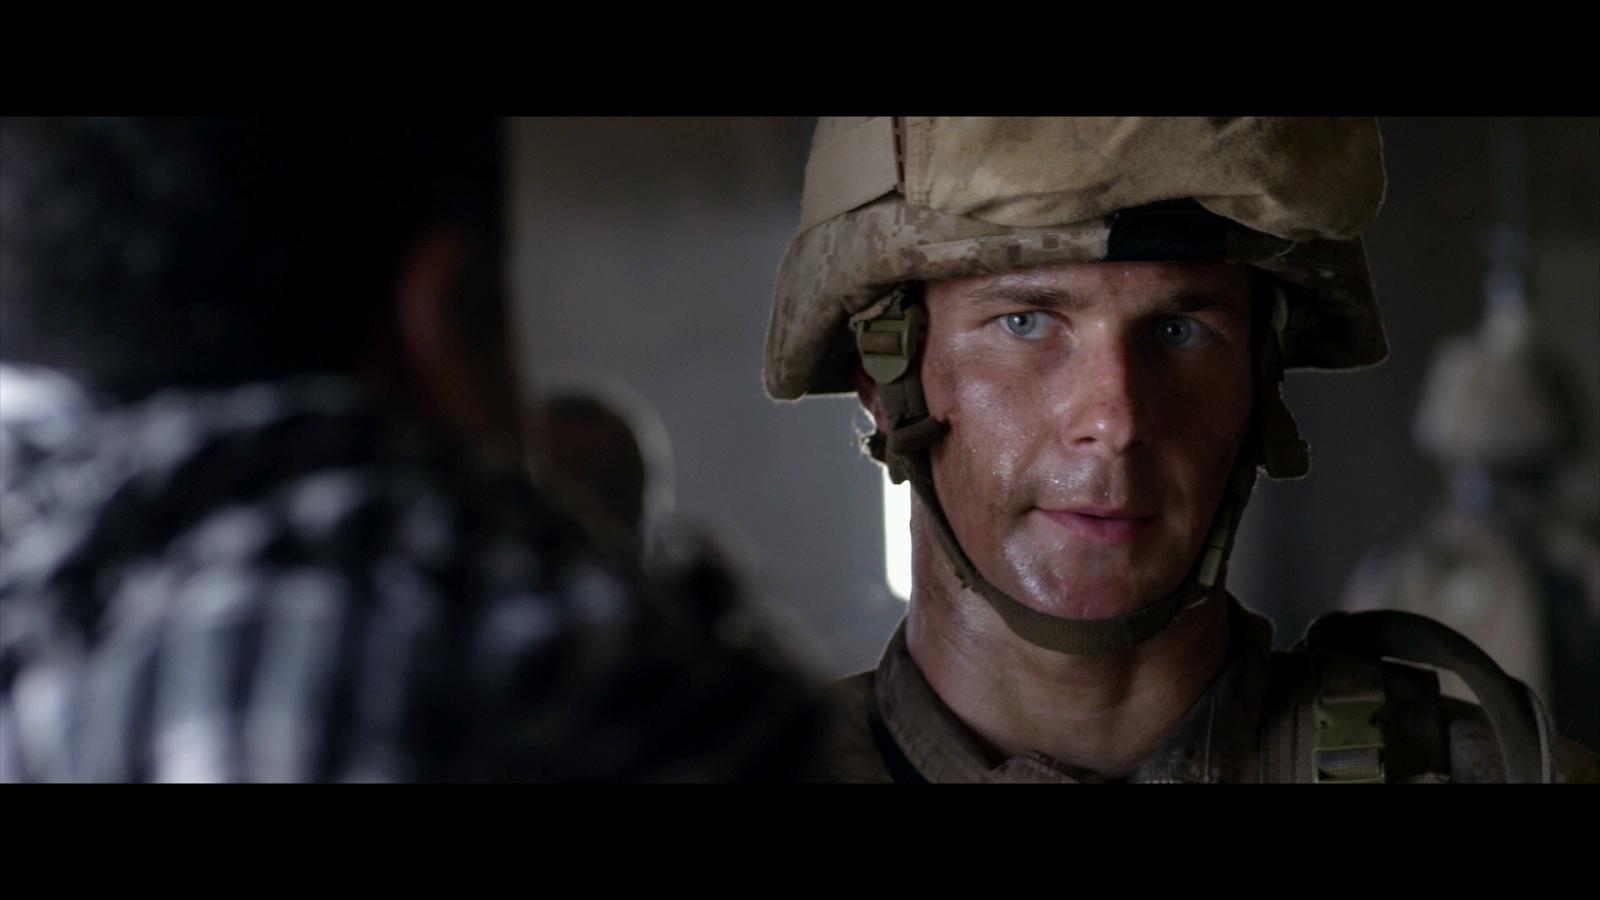 Soldado Anonimo 2 Terreno Peligroso (2014) 1080p BD25 4